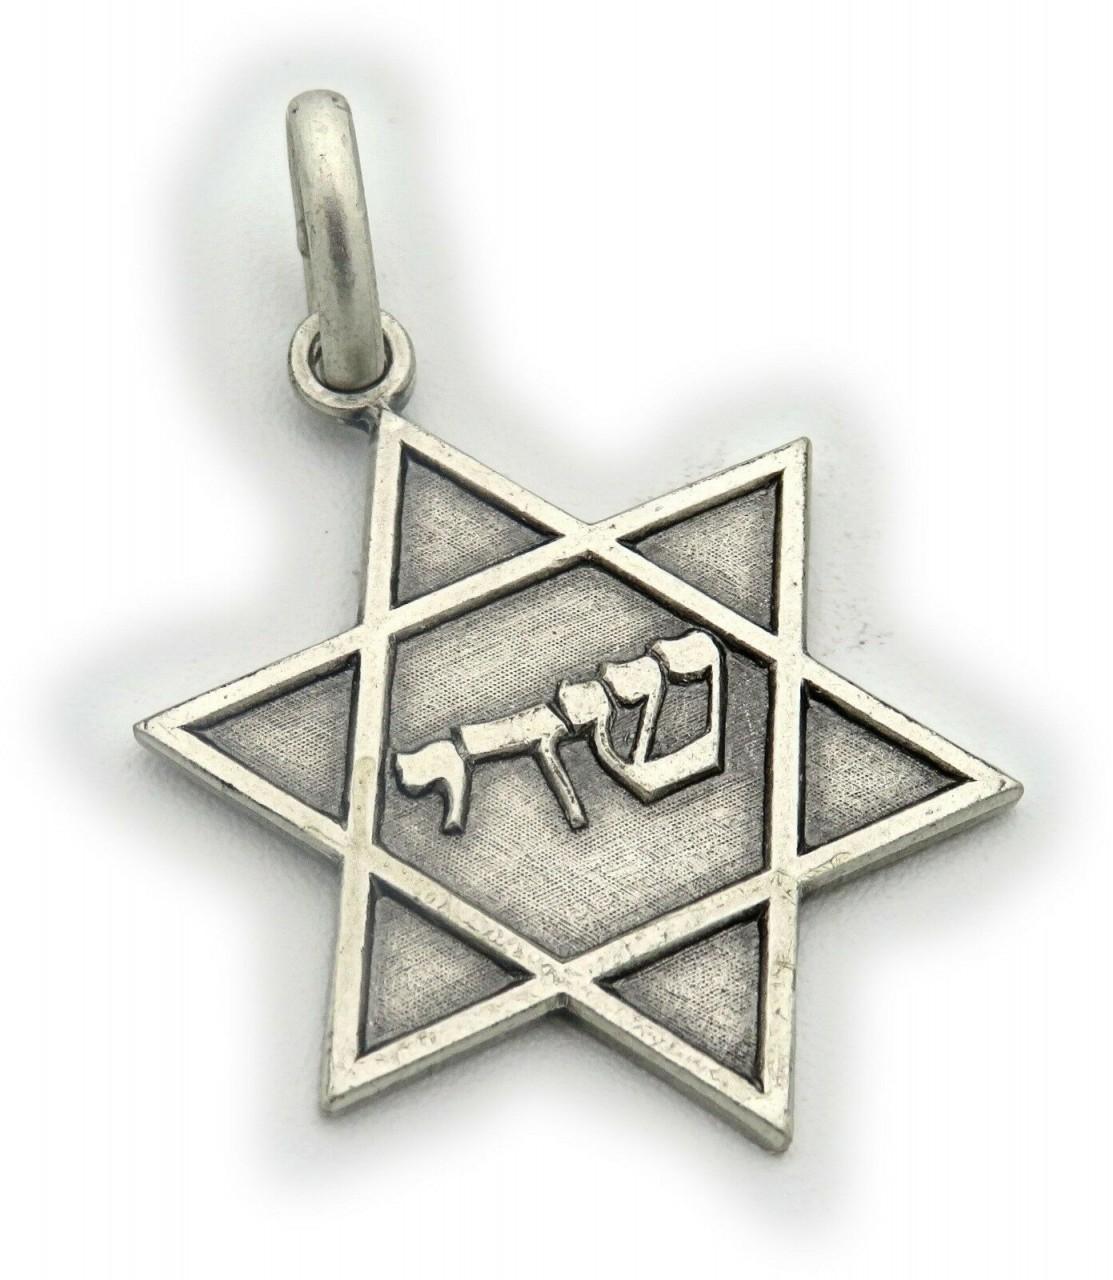 Neu Anhänger echt Silber 925 Davidstern mit Schriftzug mit Kette oder ohne David